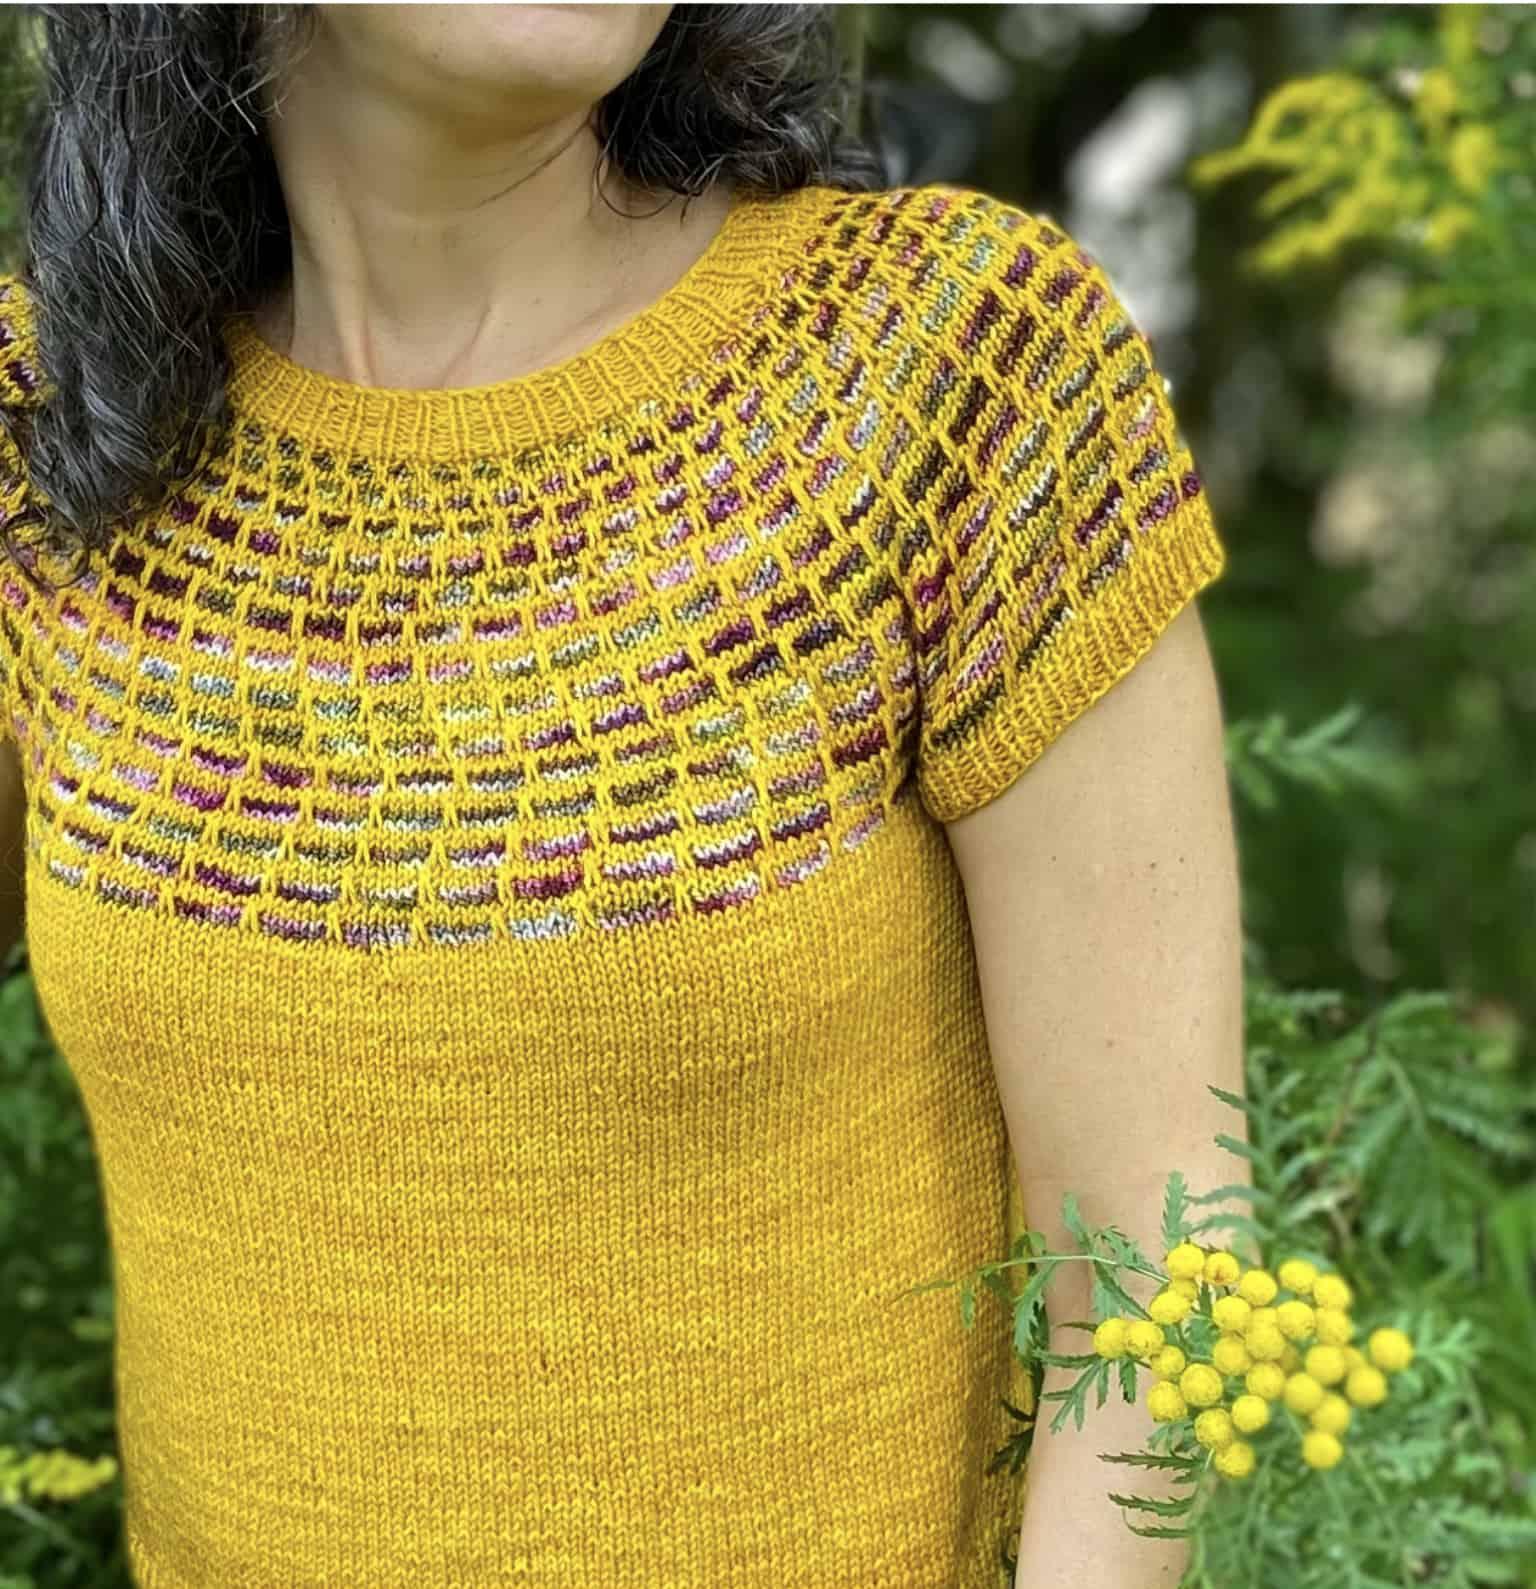 A yellow sweater with a variegated slipped-stitch yoke.